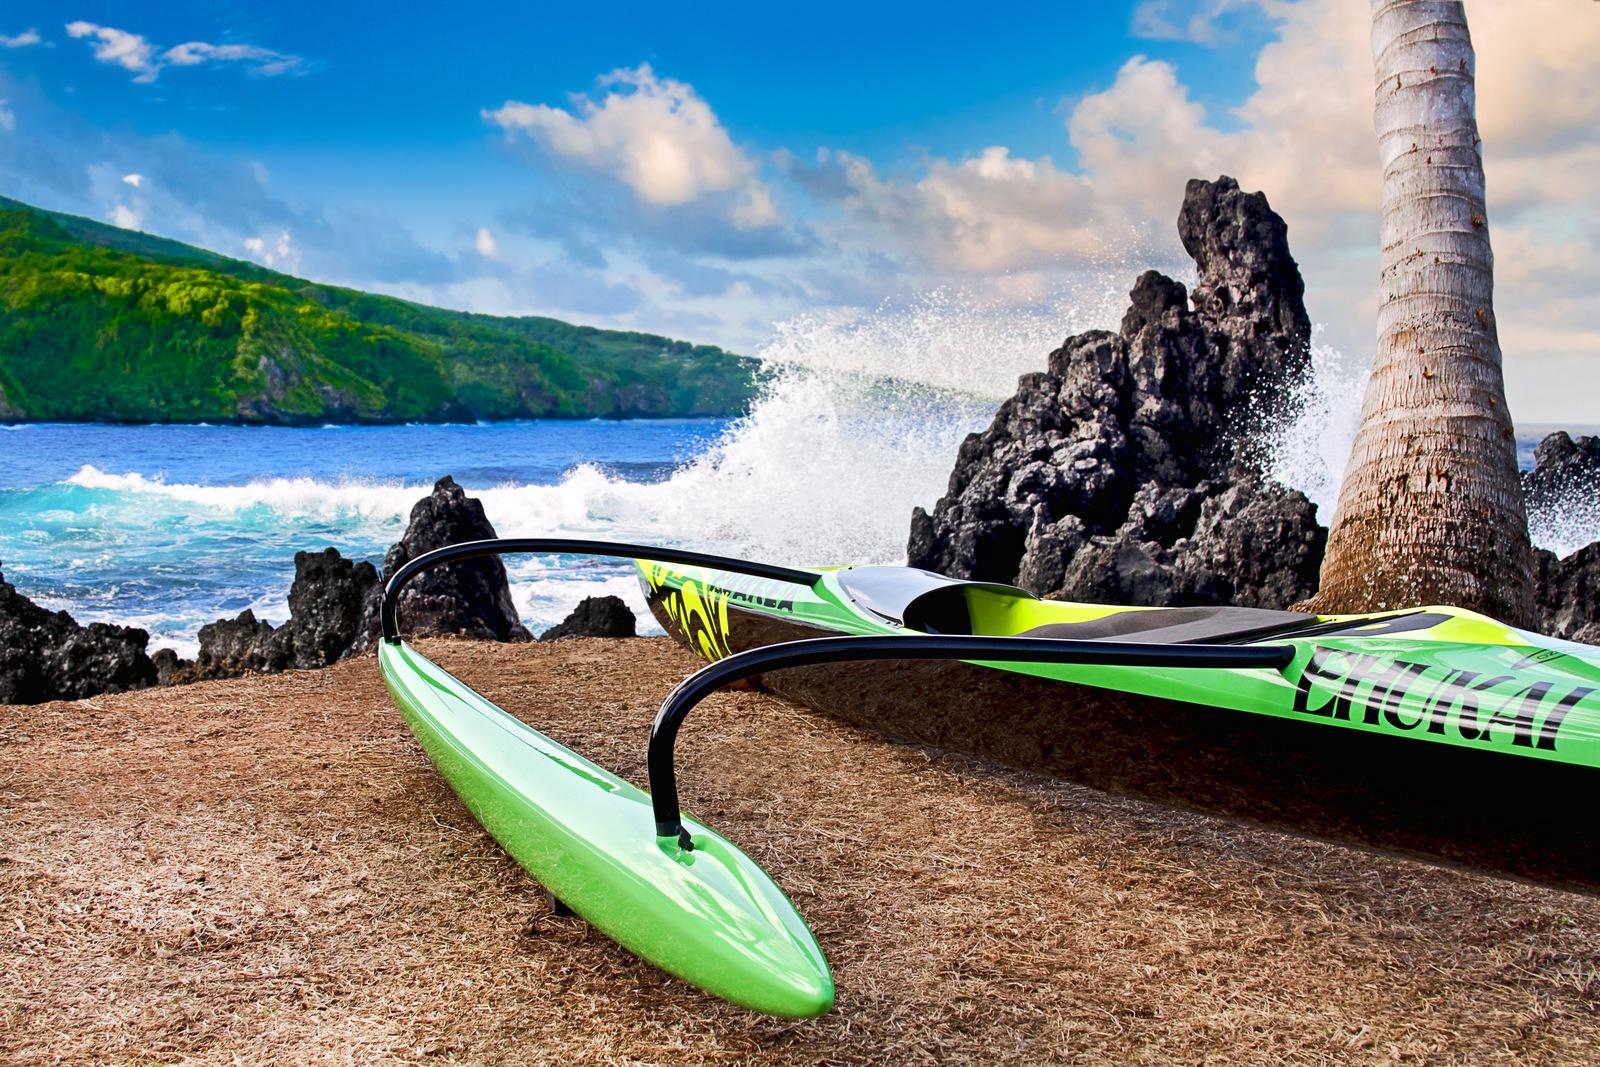 Ehukai OC1 Outrigger Canoe